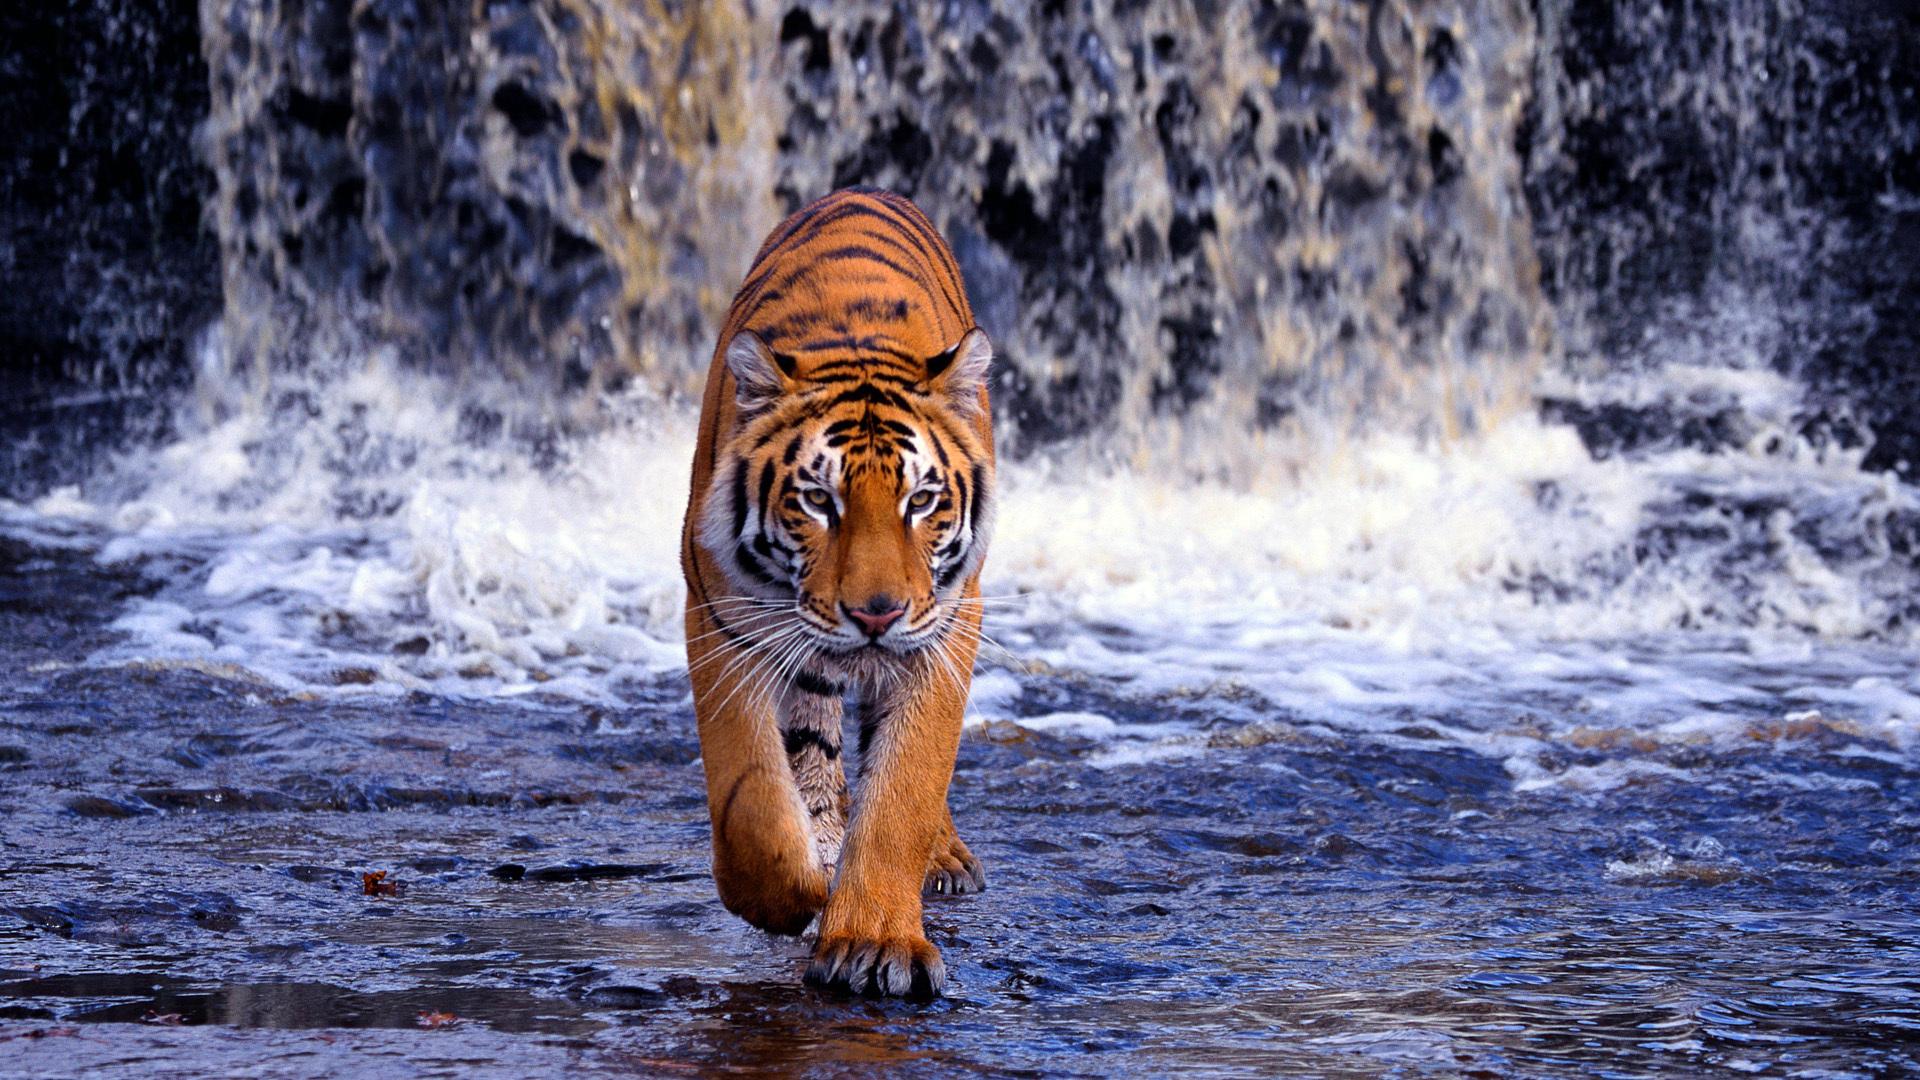 животное, хищник, зверь